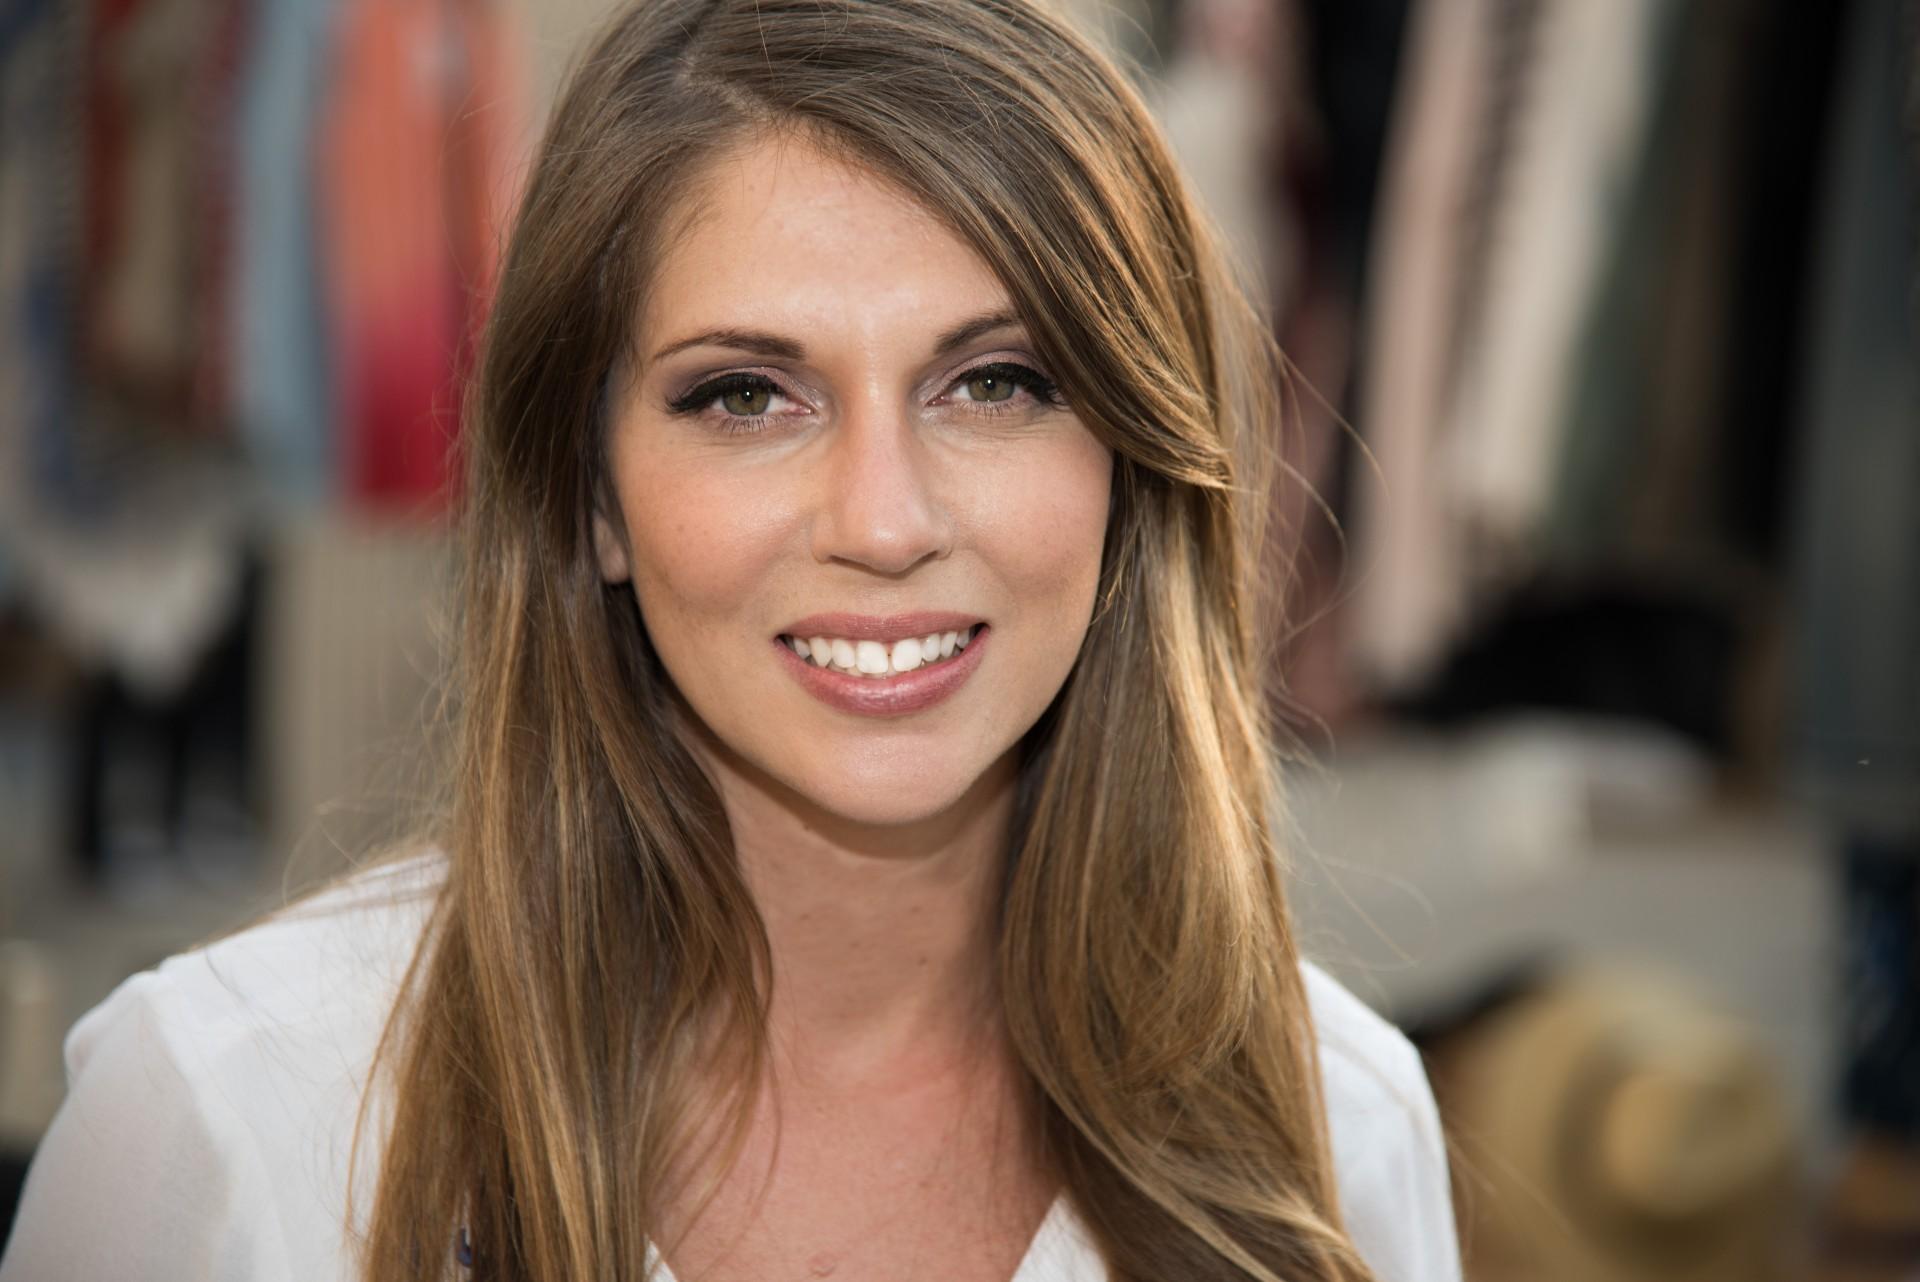 Johanna Zlenko, CEO & Founder Johanna Zlenko, The Closet Trading Company (TCTC)